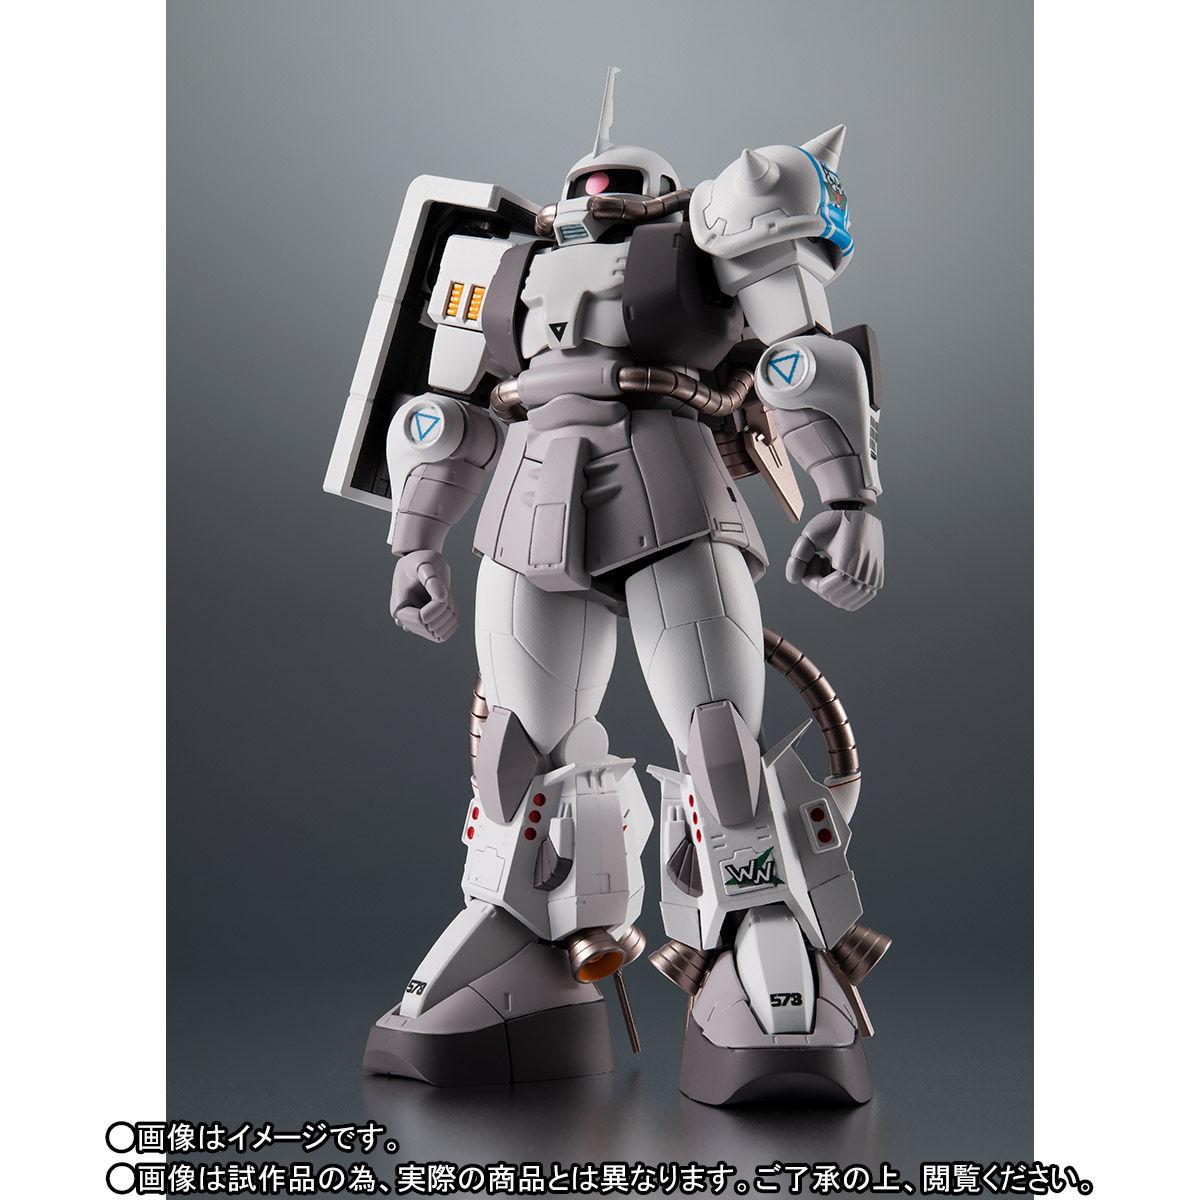 【限定販売】ROBOT魂〈SIDE MS〉『MS-06R-1A シン・マツナガ専用高機動型ザクII ver. A.N.I.M.E.』ガンダムMSV 可動フィギュア-003